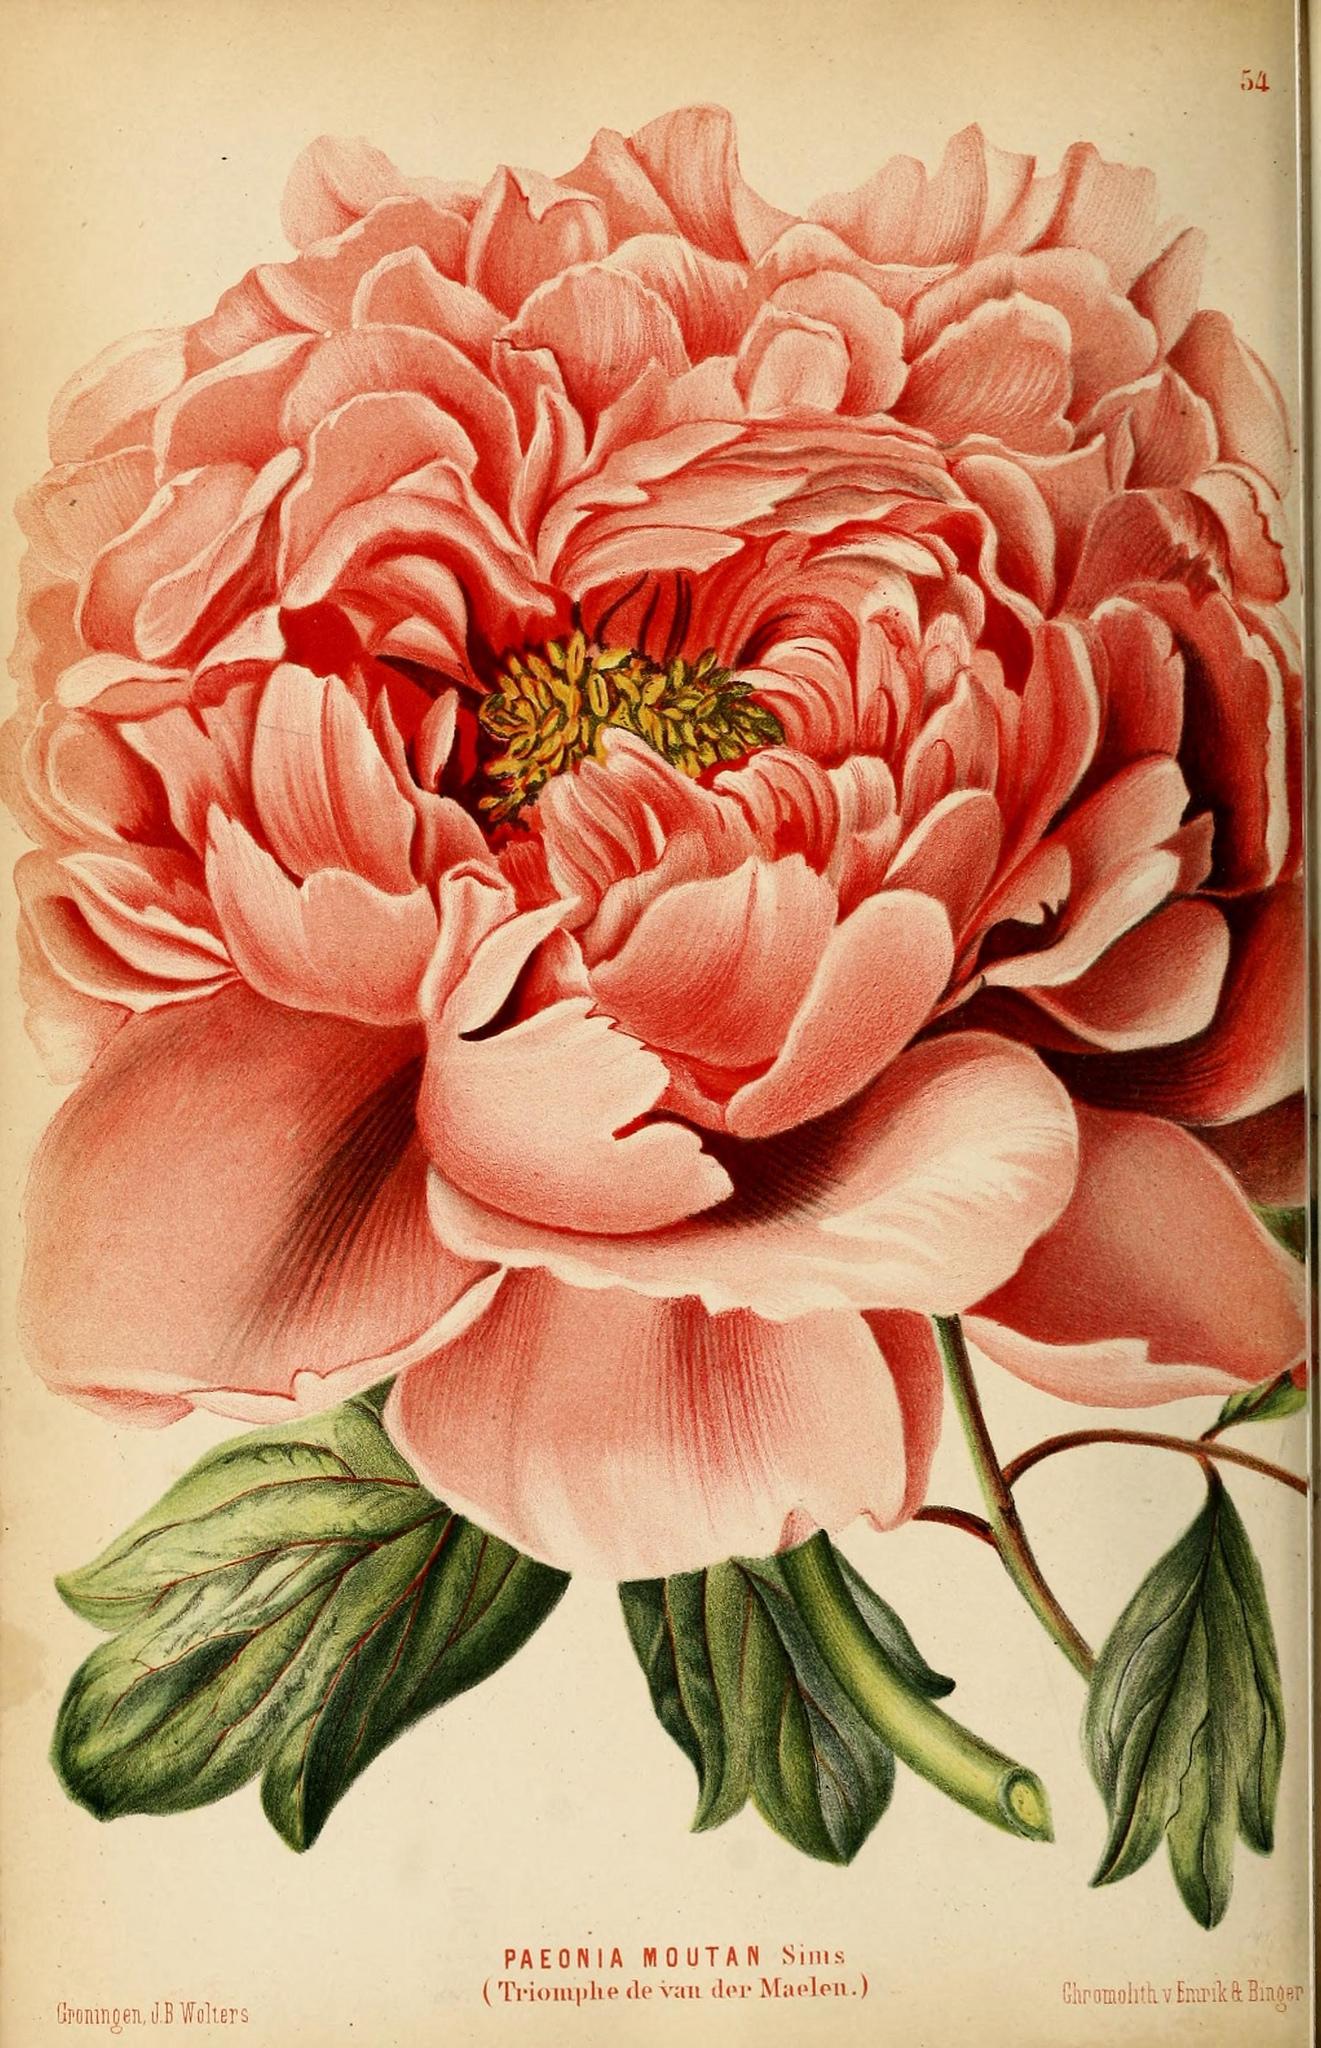 Drawn peony vintage floral Floral 25+ Free Printable #